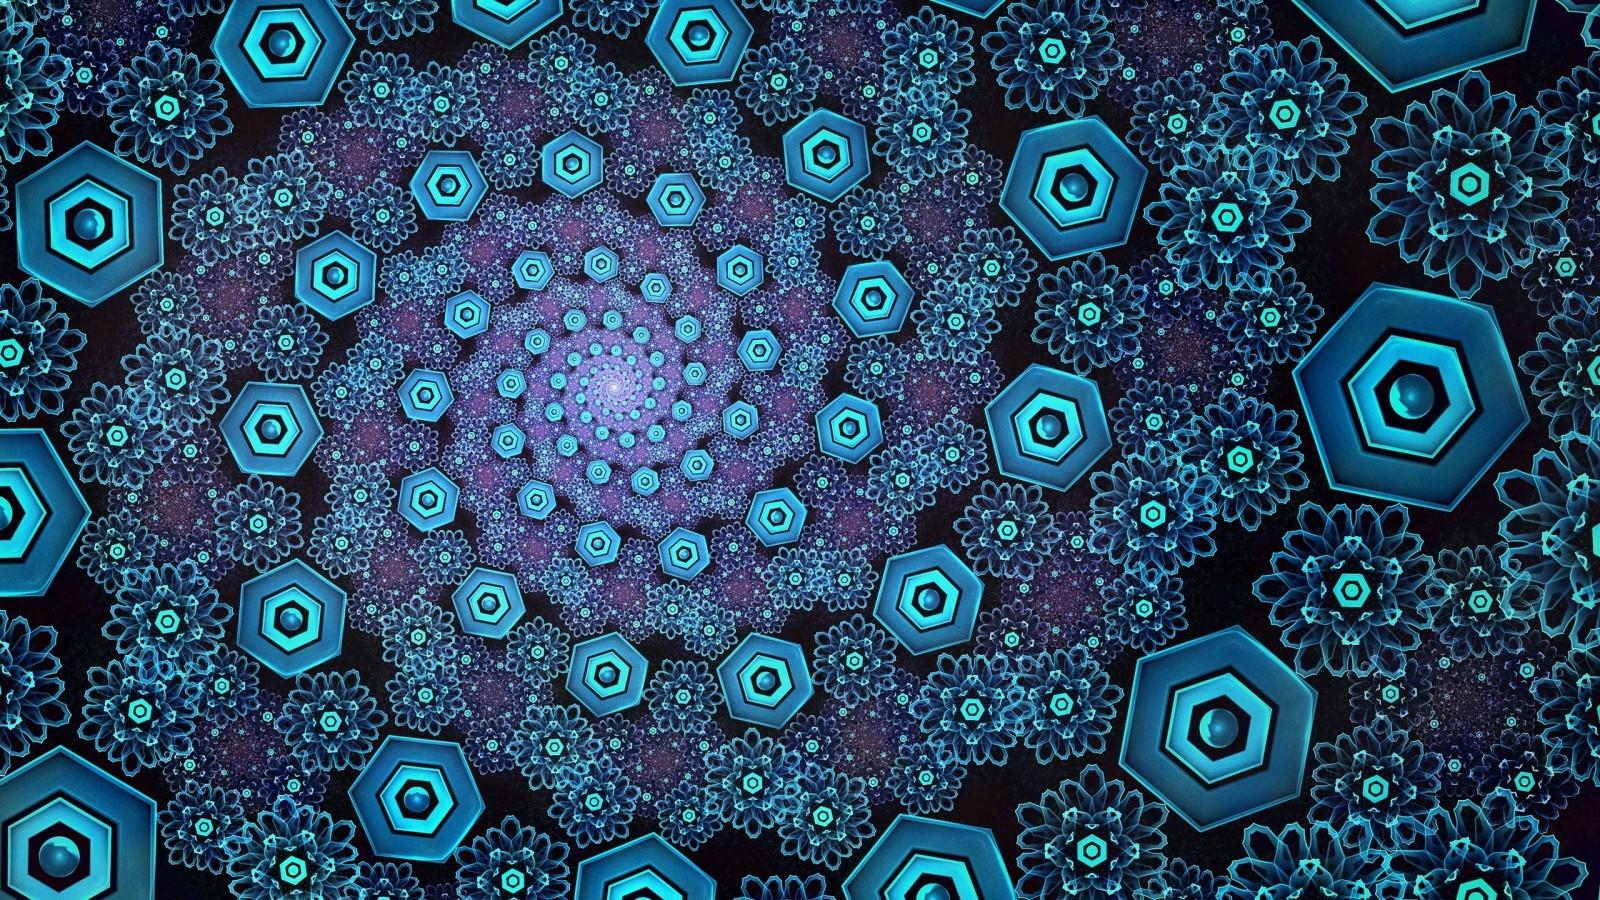 Hình ảnh hoa văn ảo giác 3D